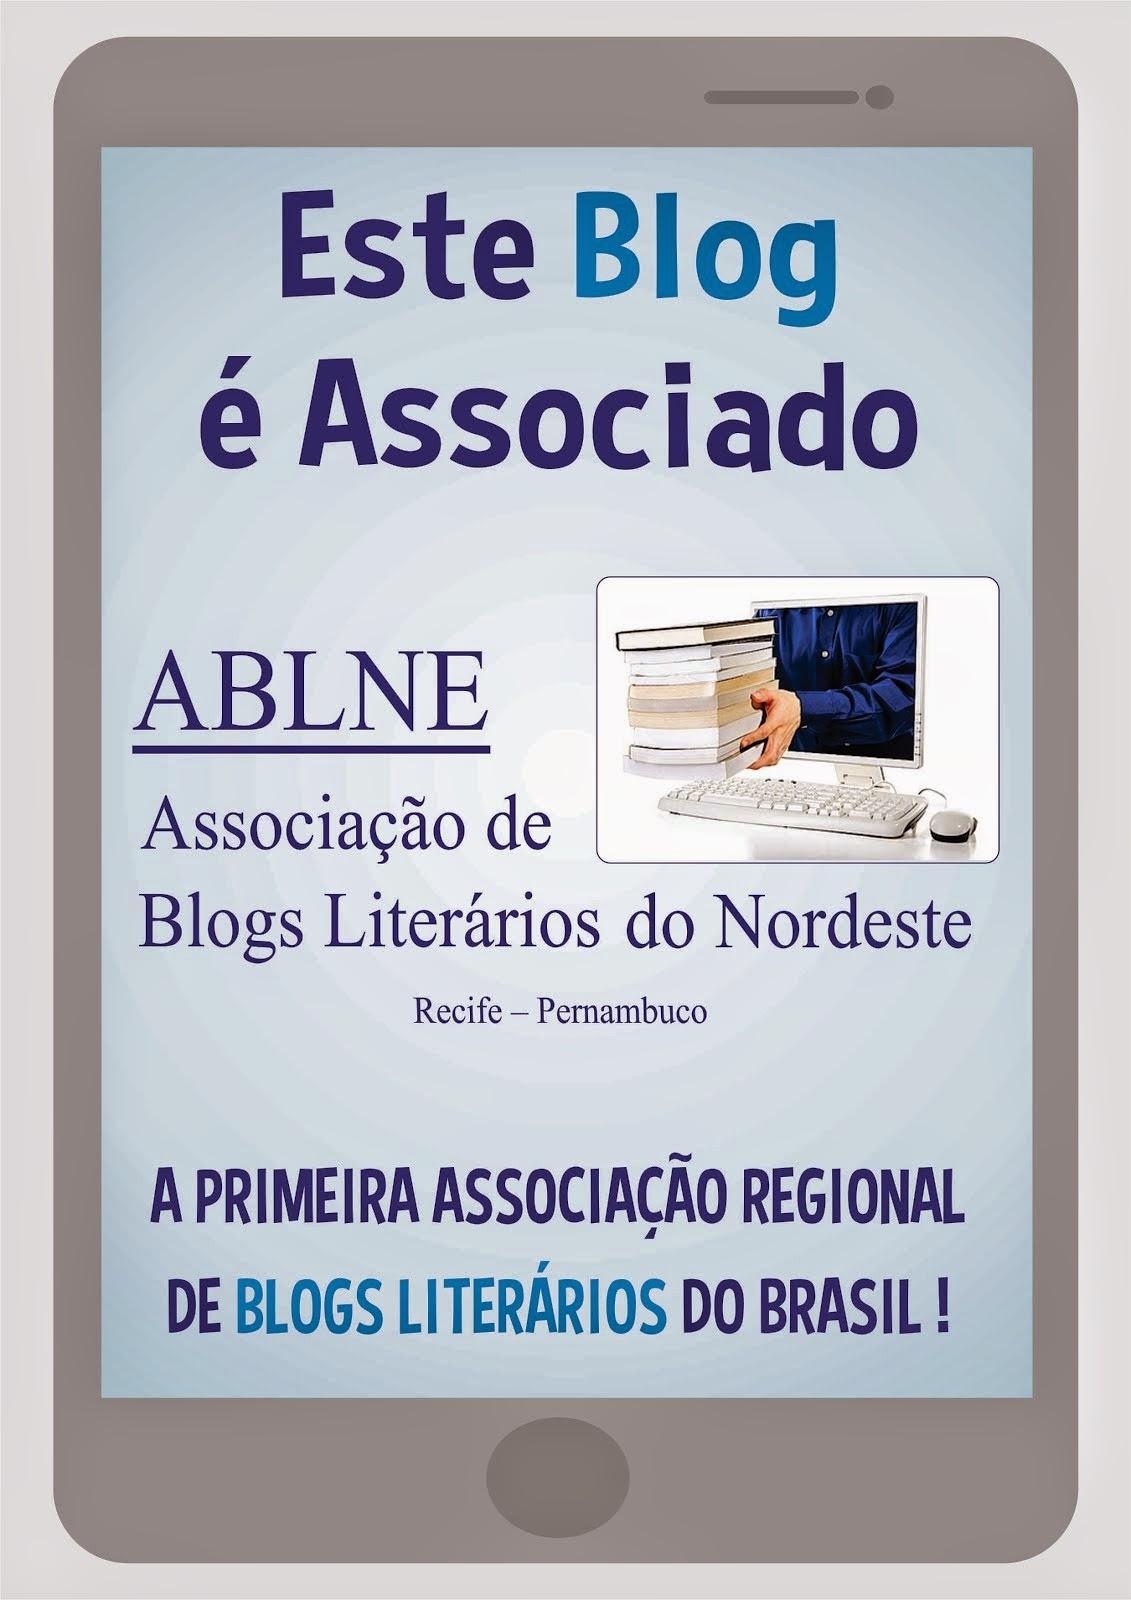 Associação de Blogs Literários do Nordeste